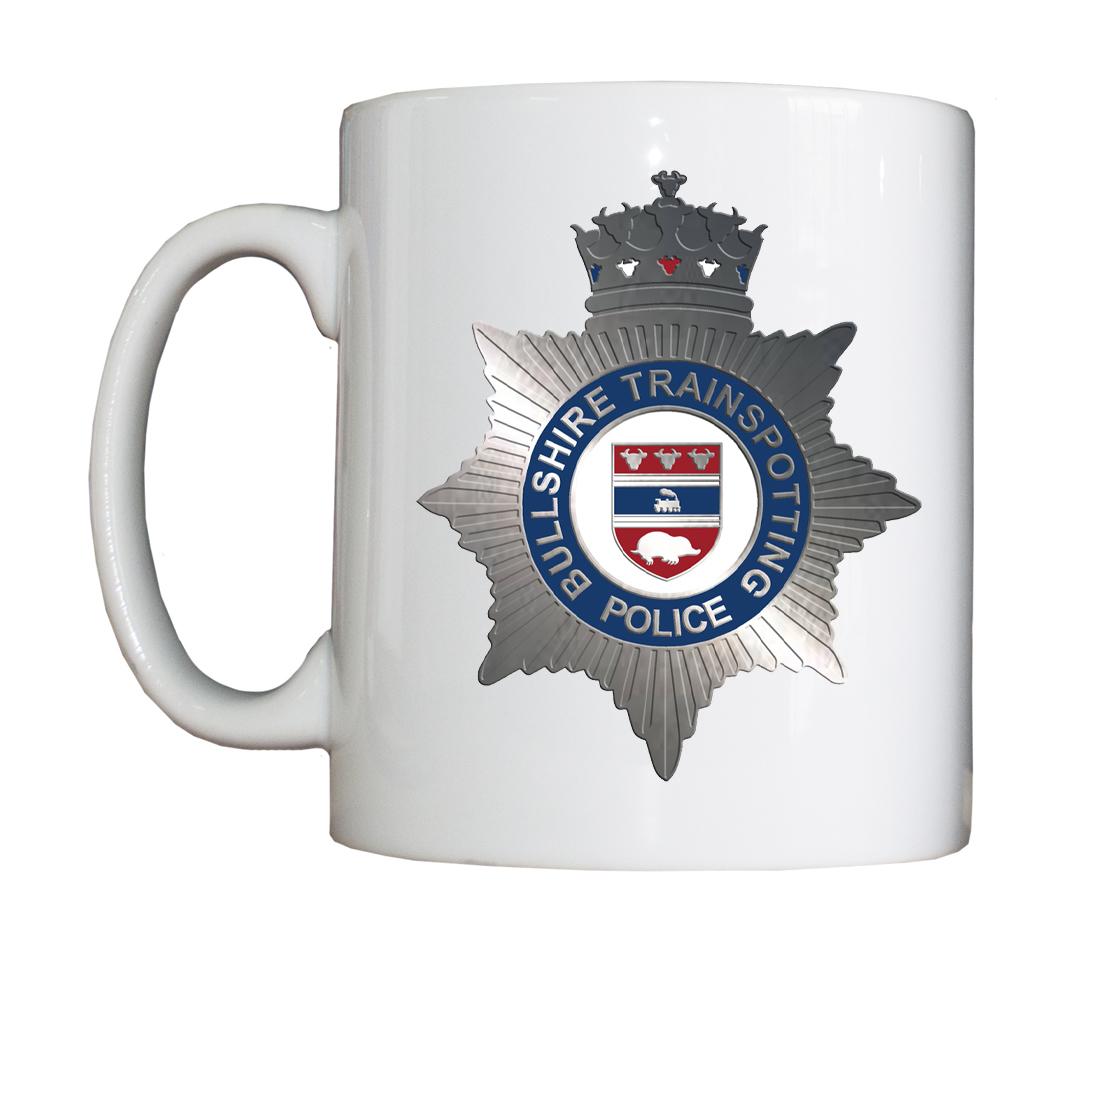 Personalised 'Bullshire Trainspotting Police' Drinking Vessel (Mug) BSTPMug